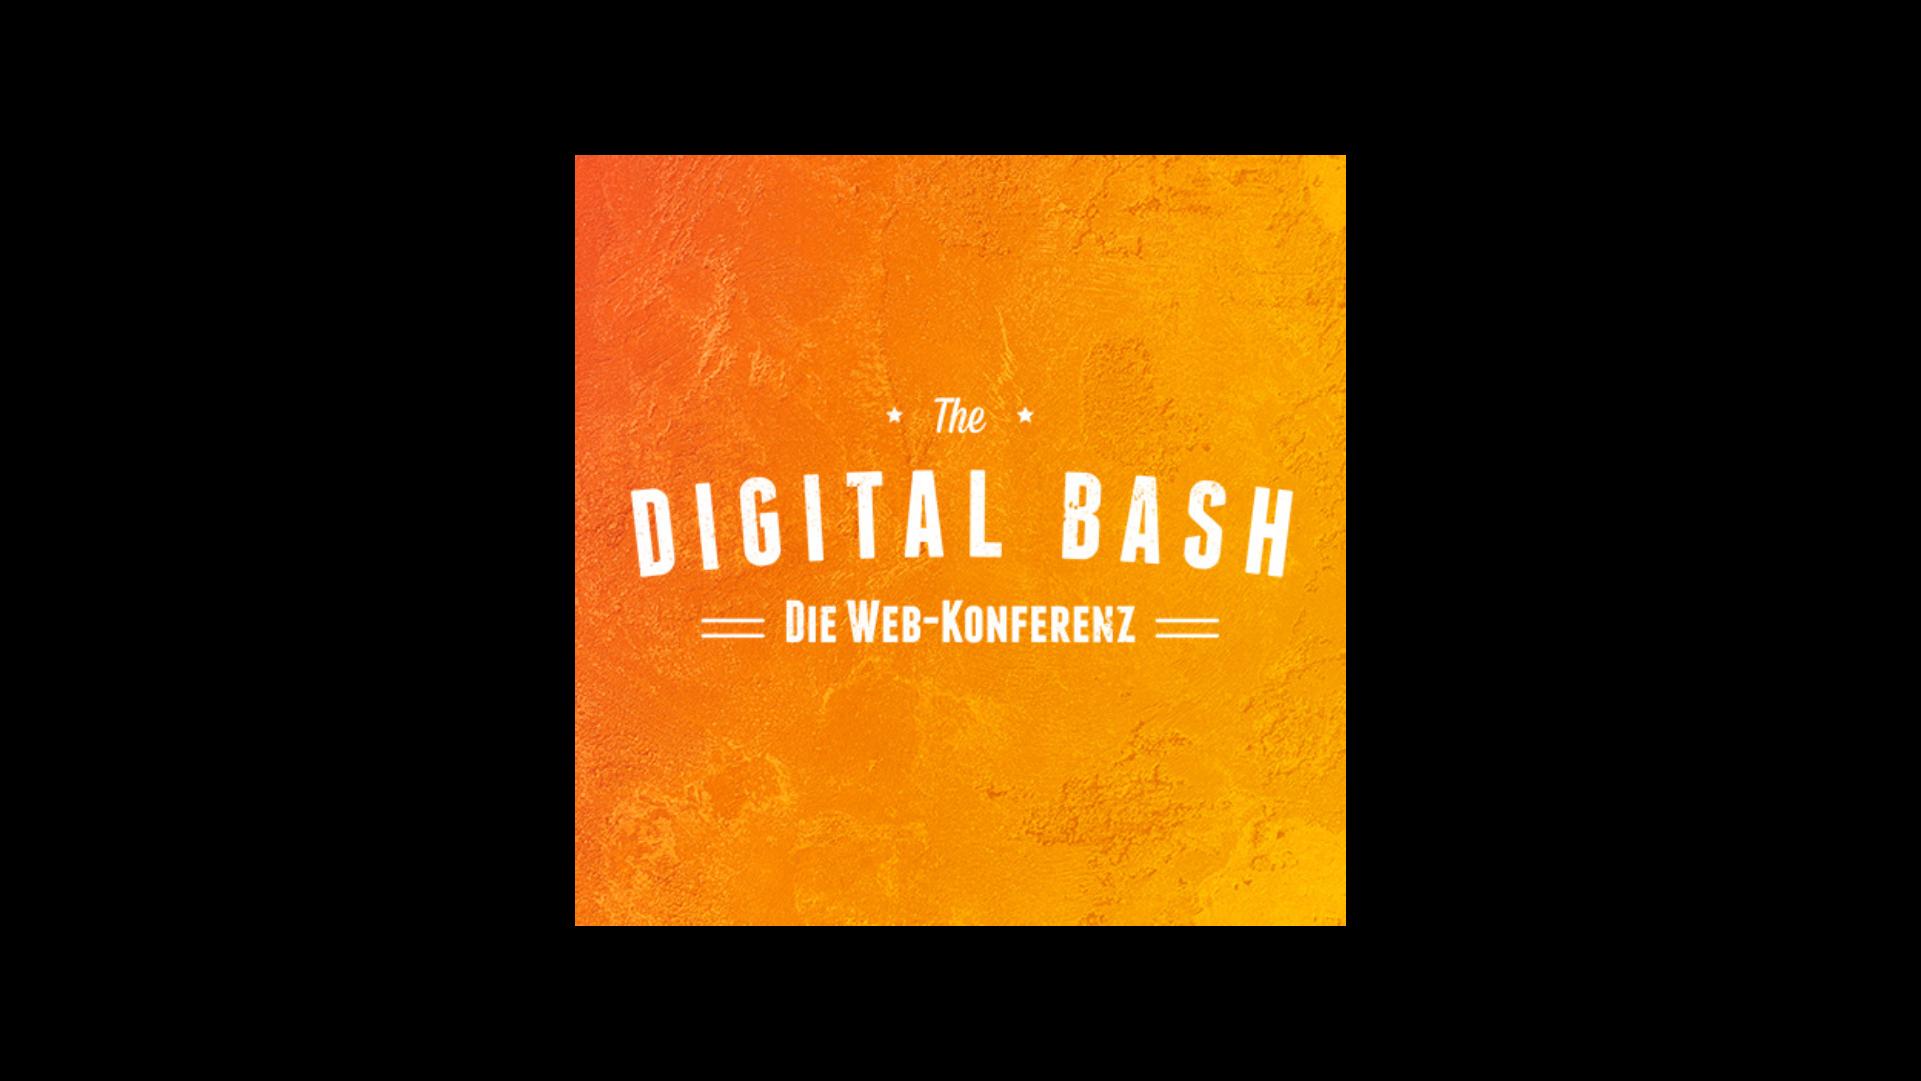 Digital Bash